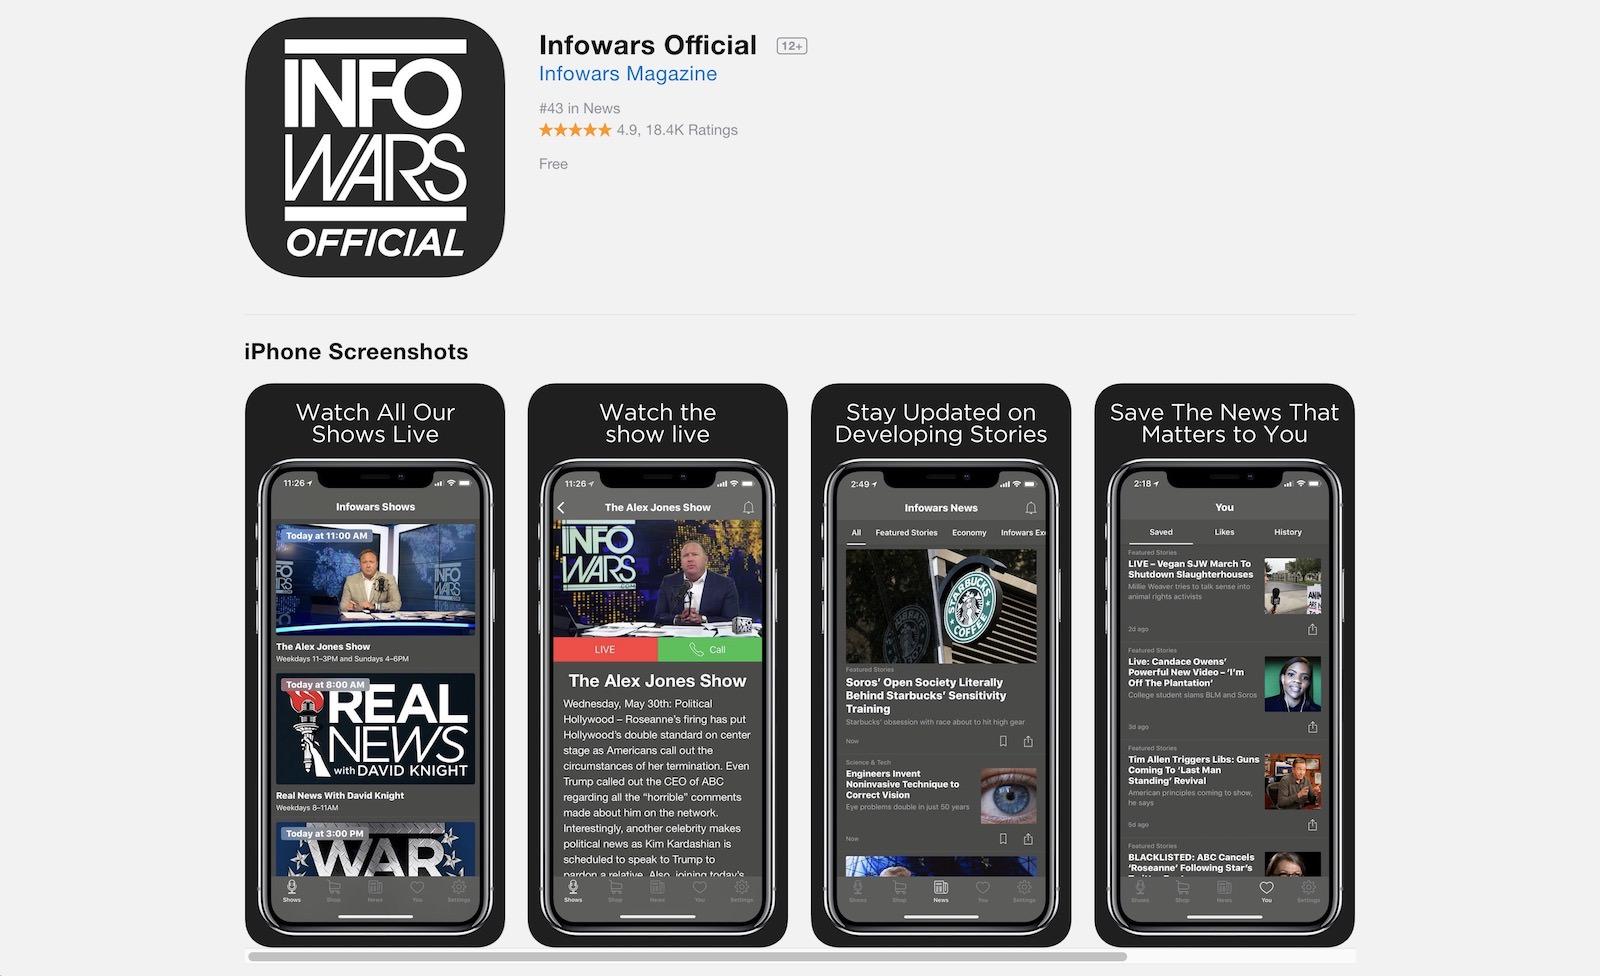 Infowars app taken down by apple